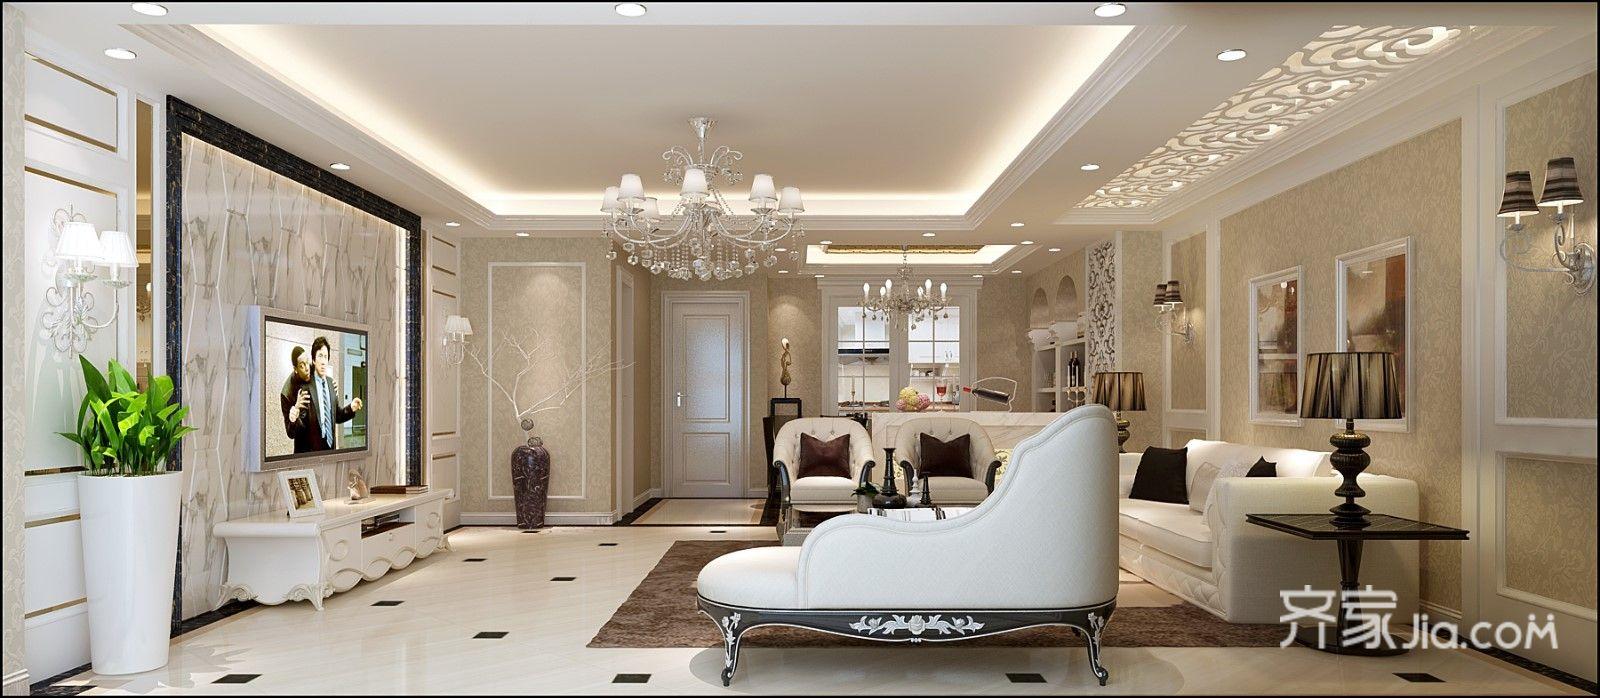 复式欧式混搭别墅客厅装修效果图